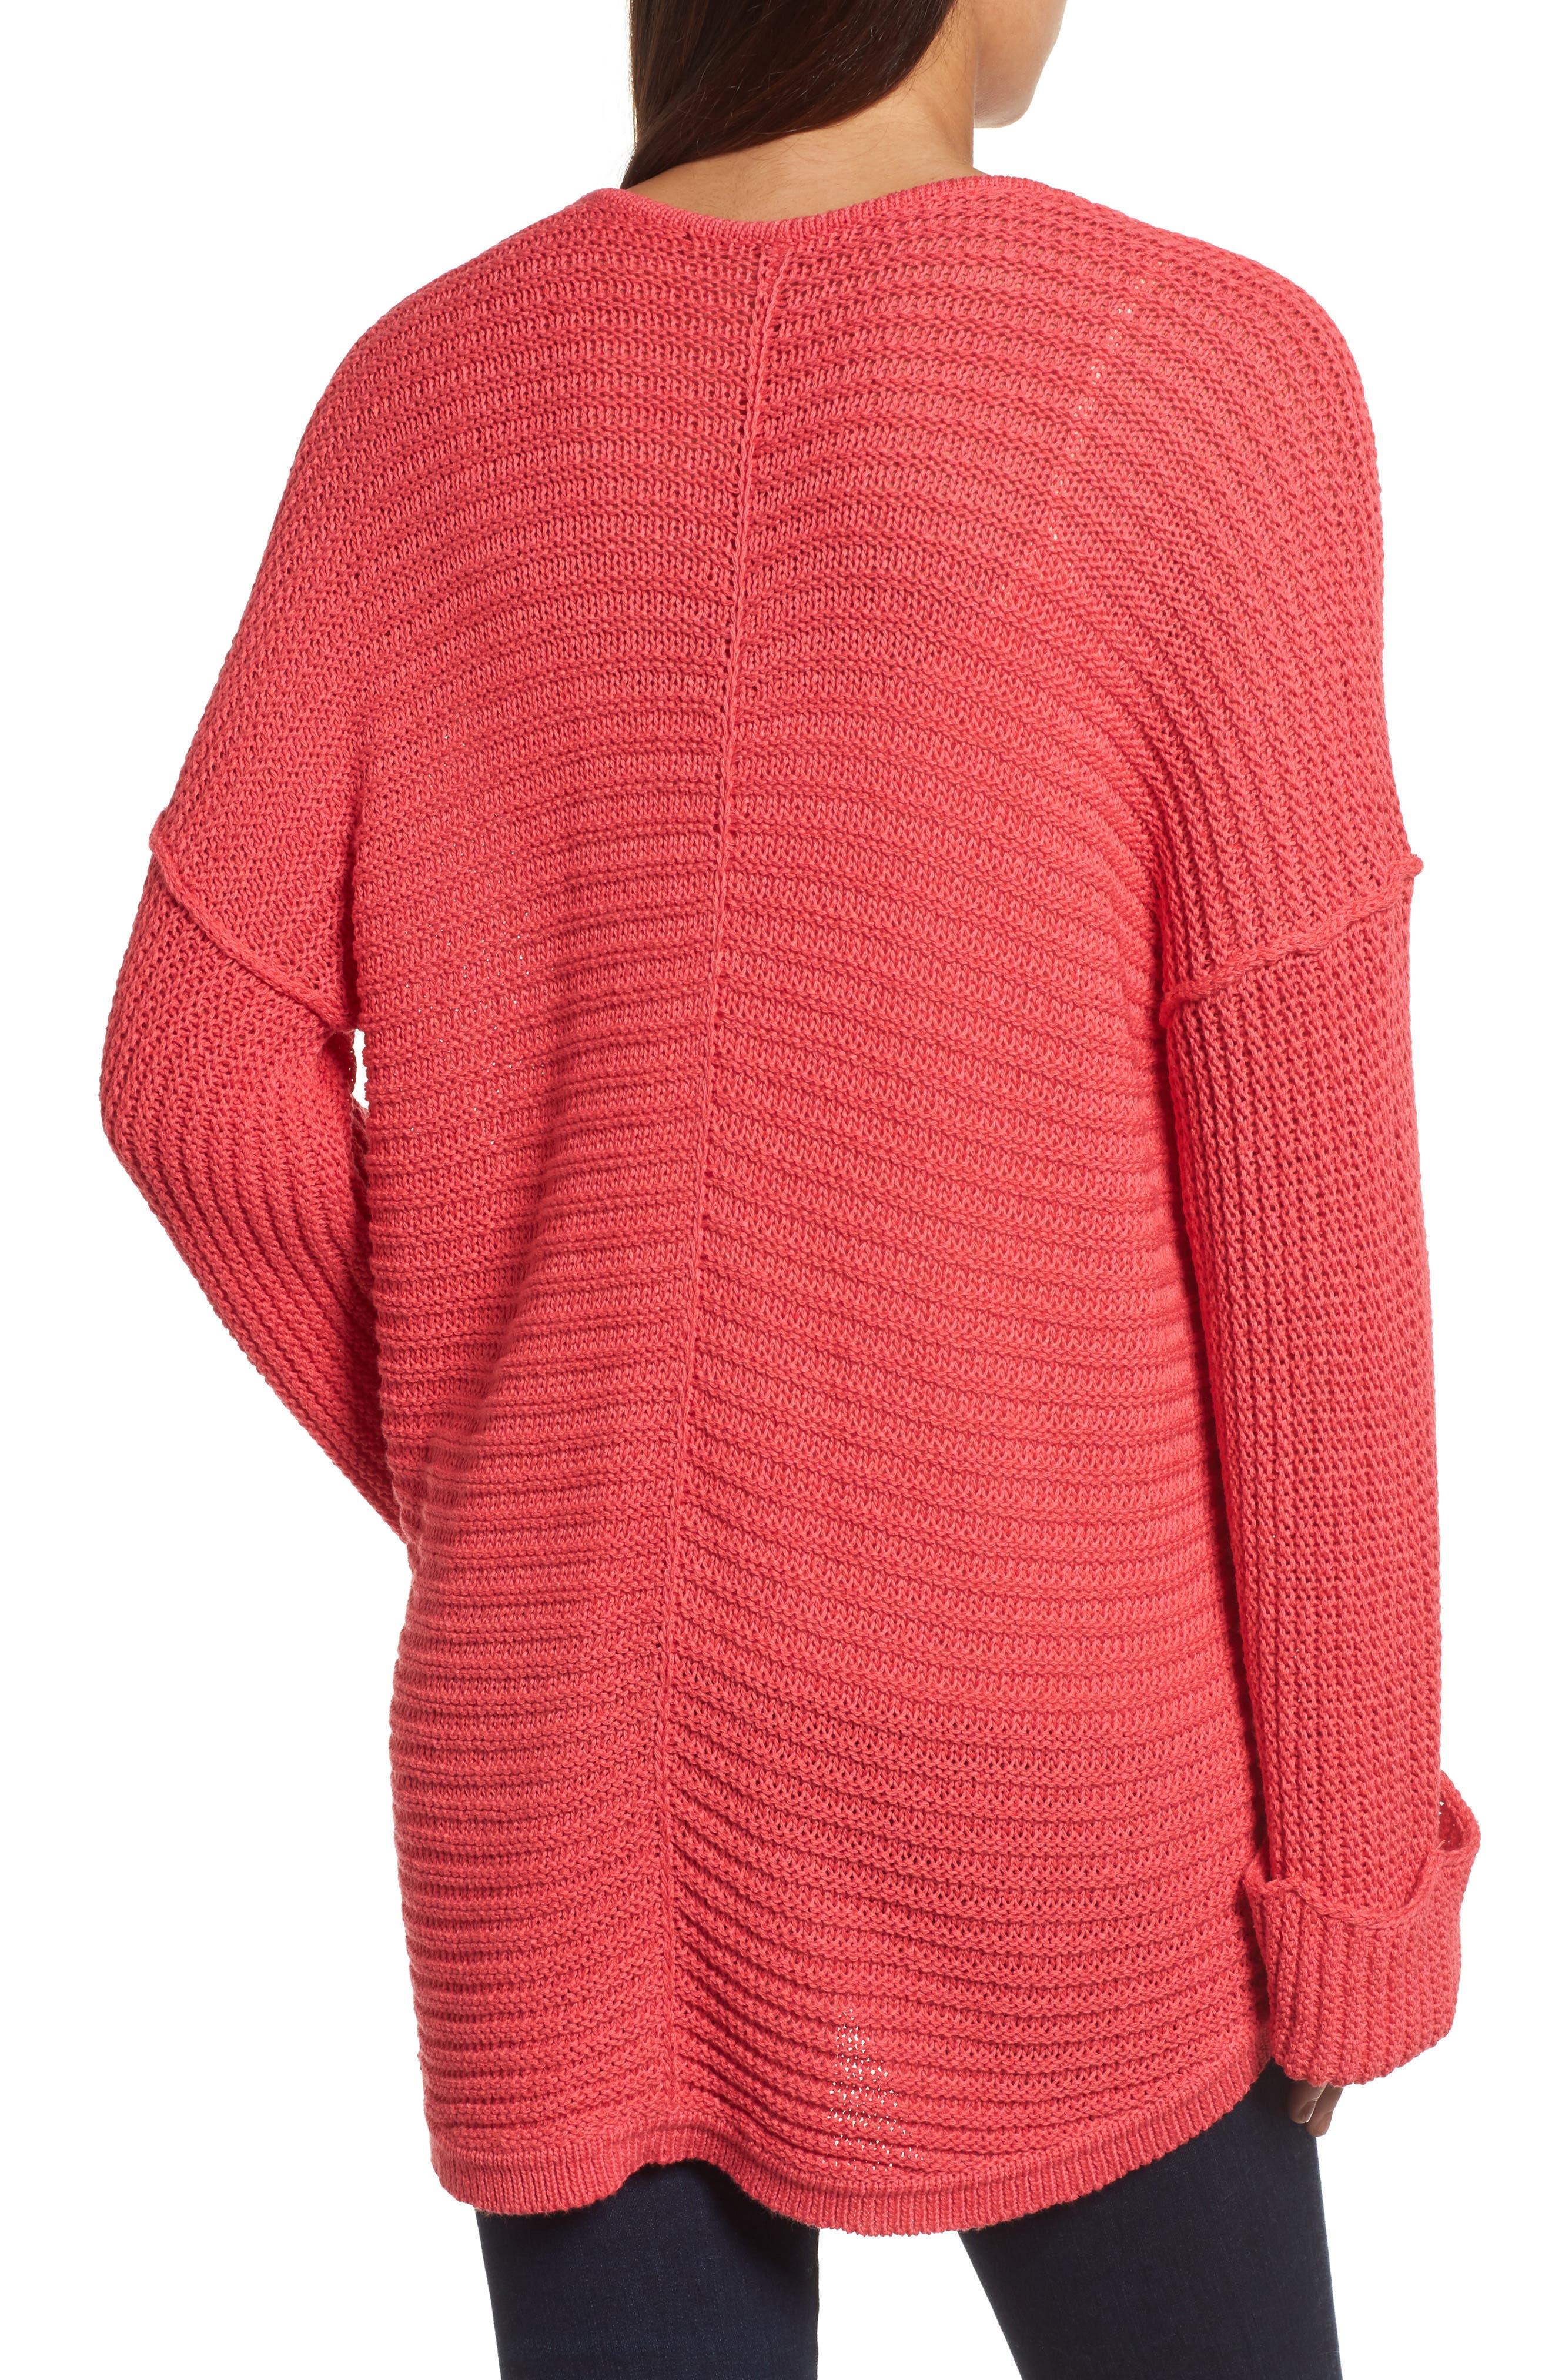 Alternate Image 2  - Caslon® Cuffed Sleeve Sweater (Regular & Petite)